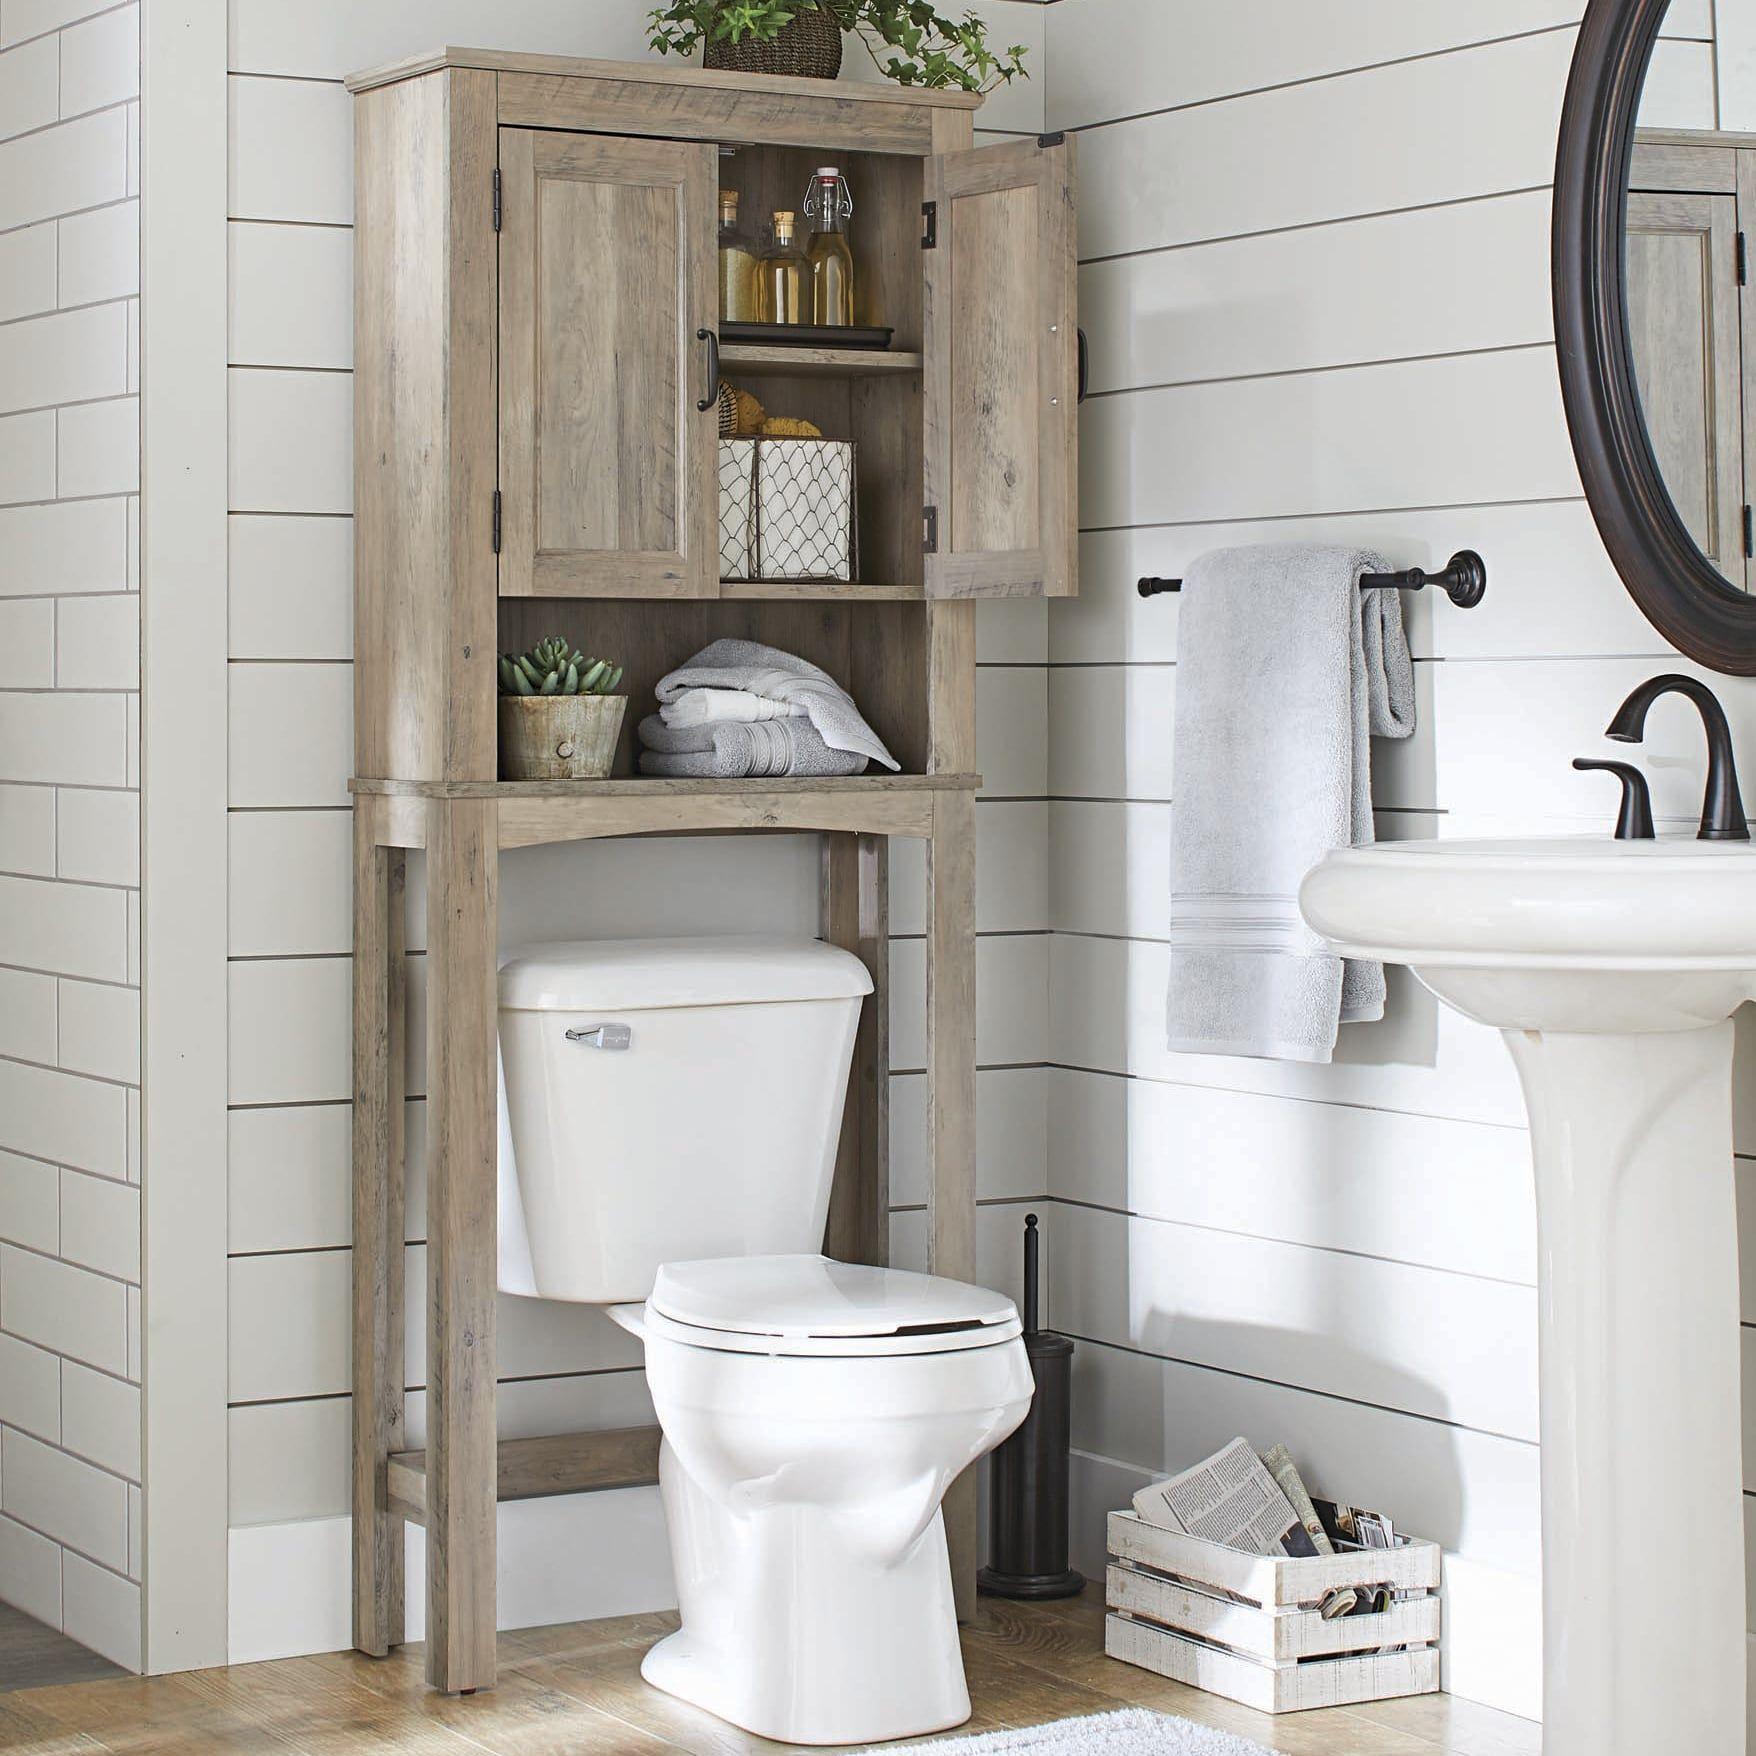 62808e673dbc5e353042a0cc15887a9d - Better Homes And Gardens Bathroom Shelf